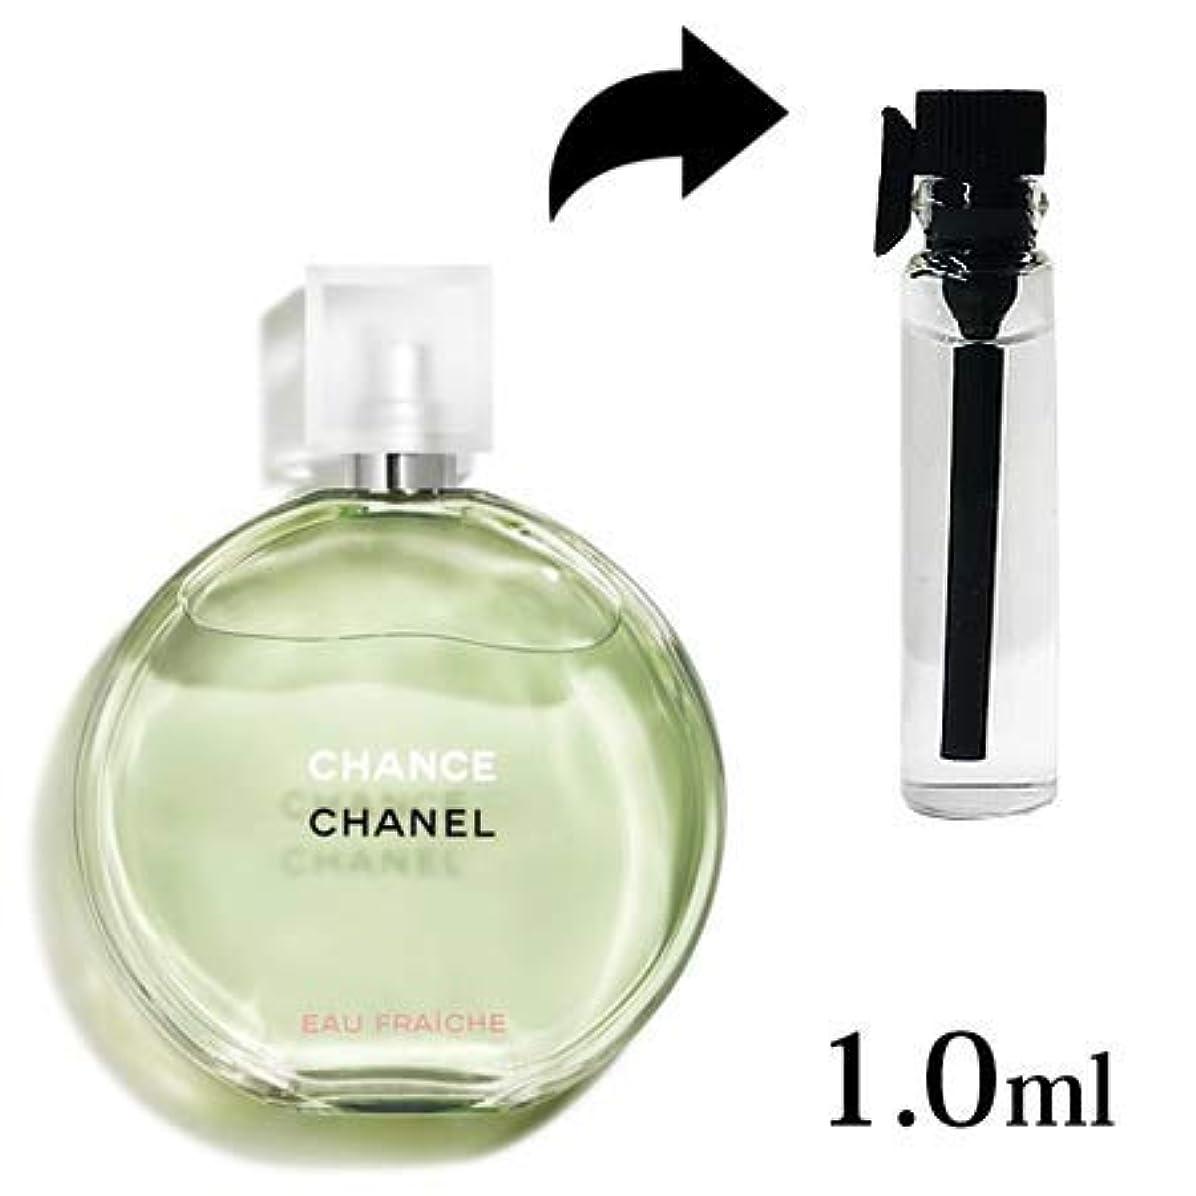 理想的には変形する値シャネル チャンス オーフレッシュ オードトワレ EDT 1ml -CHANEL- 【並行輸入品】